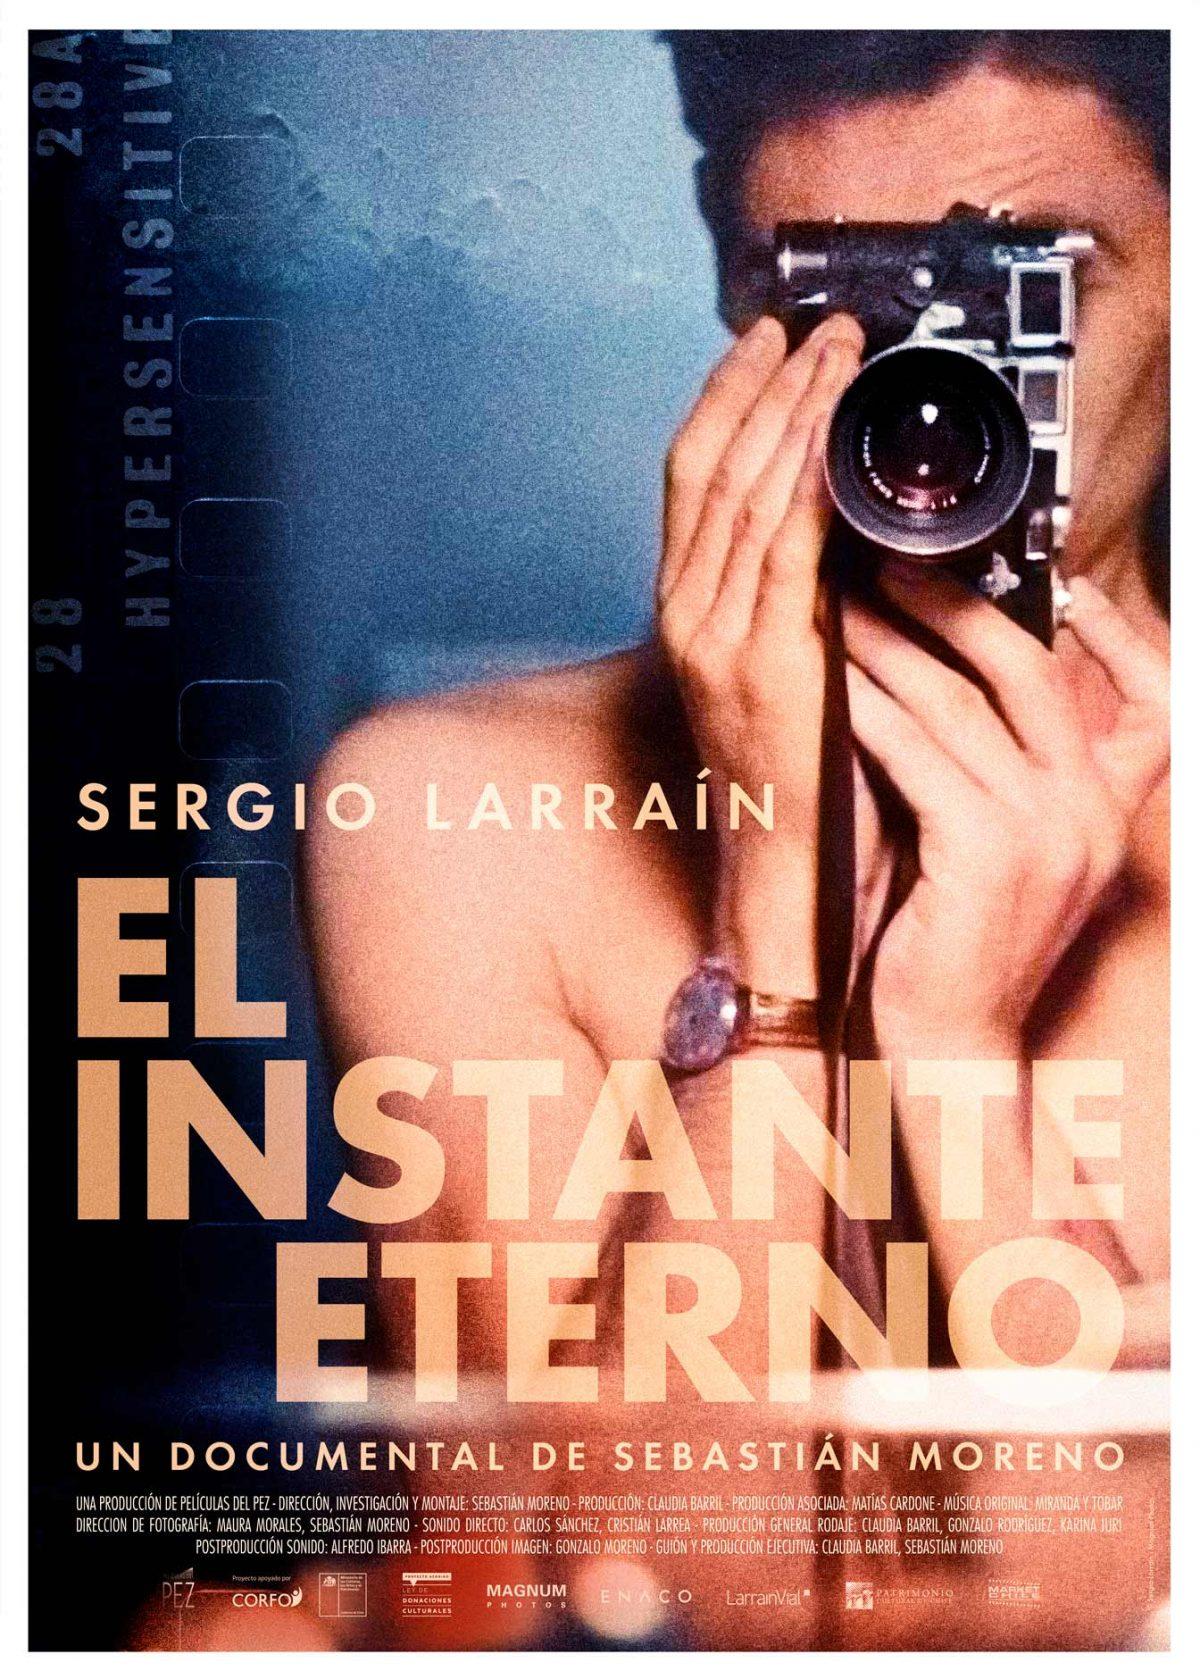 Documental «Sergio Larraín: El instante eterno»